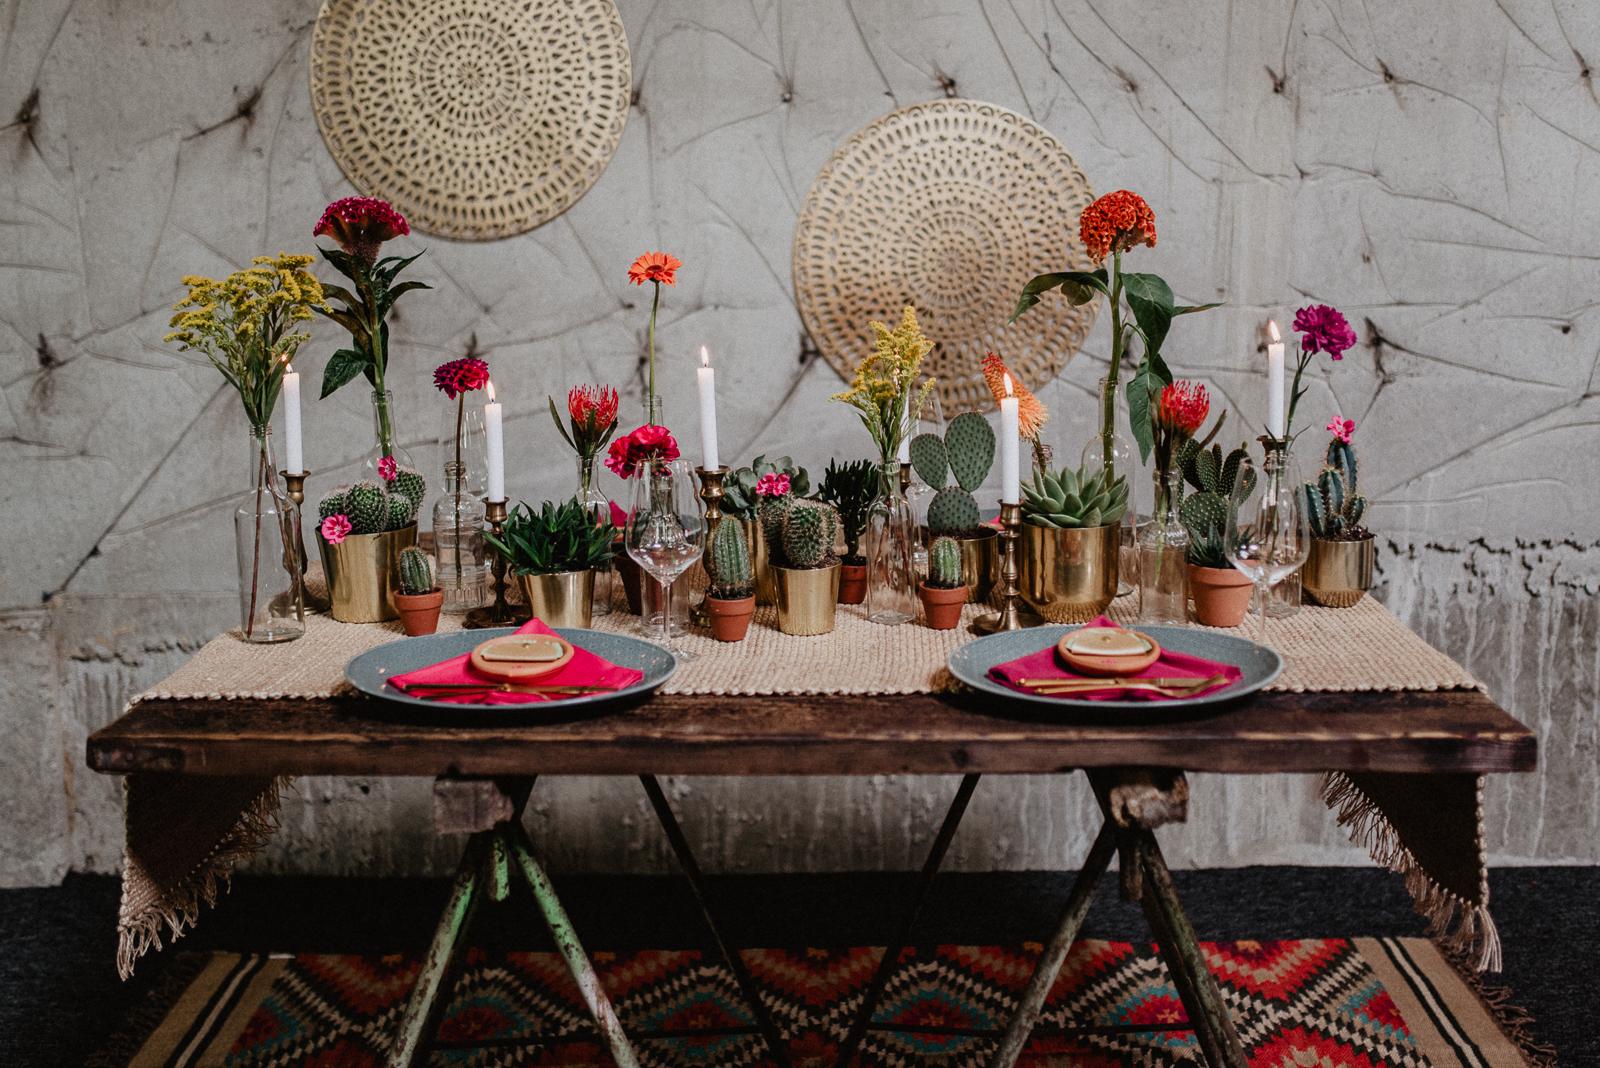 017-tischerie-floraldesign-floristik-tischdeko-hochzeit-hochzeitsdeko-bochum